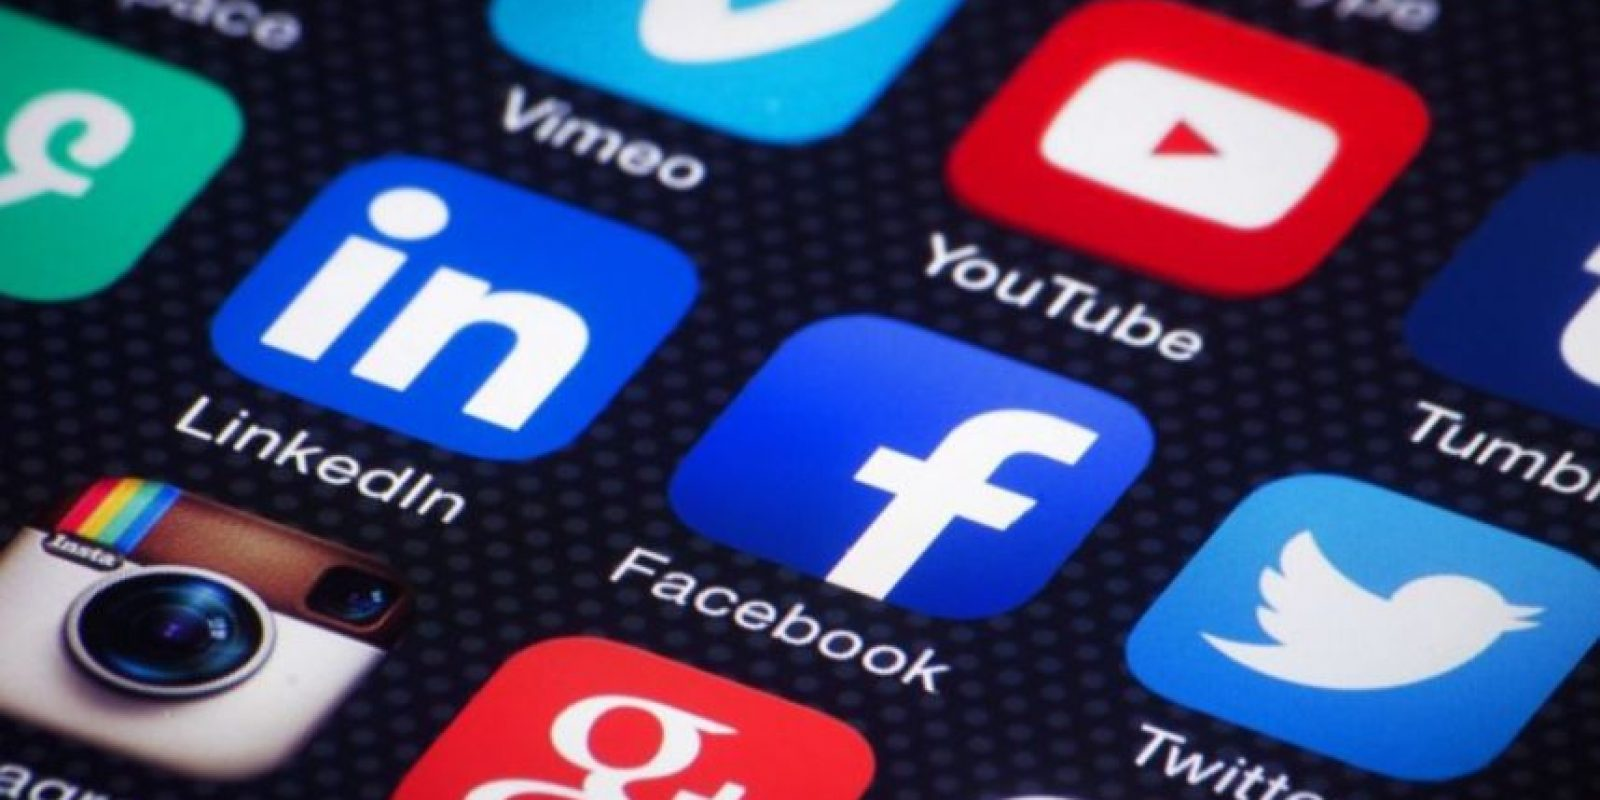 Estas fueron las aplicaciones más utilizadas durante 2015 en Estados Unidos. Foto:Vía Tumblr.com